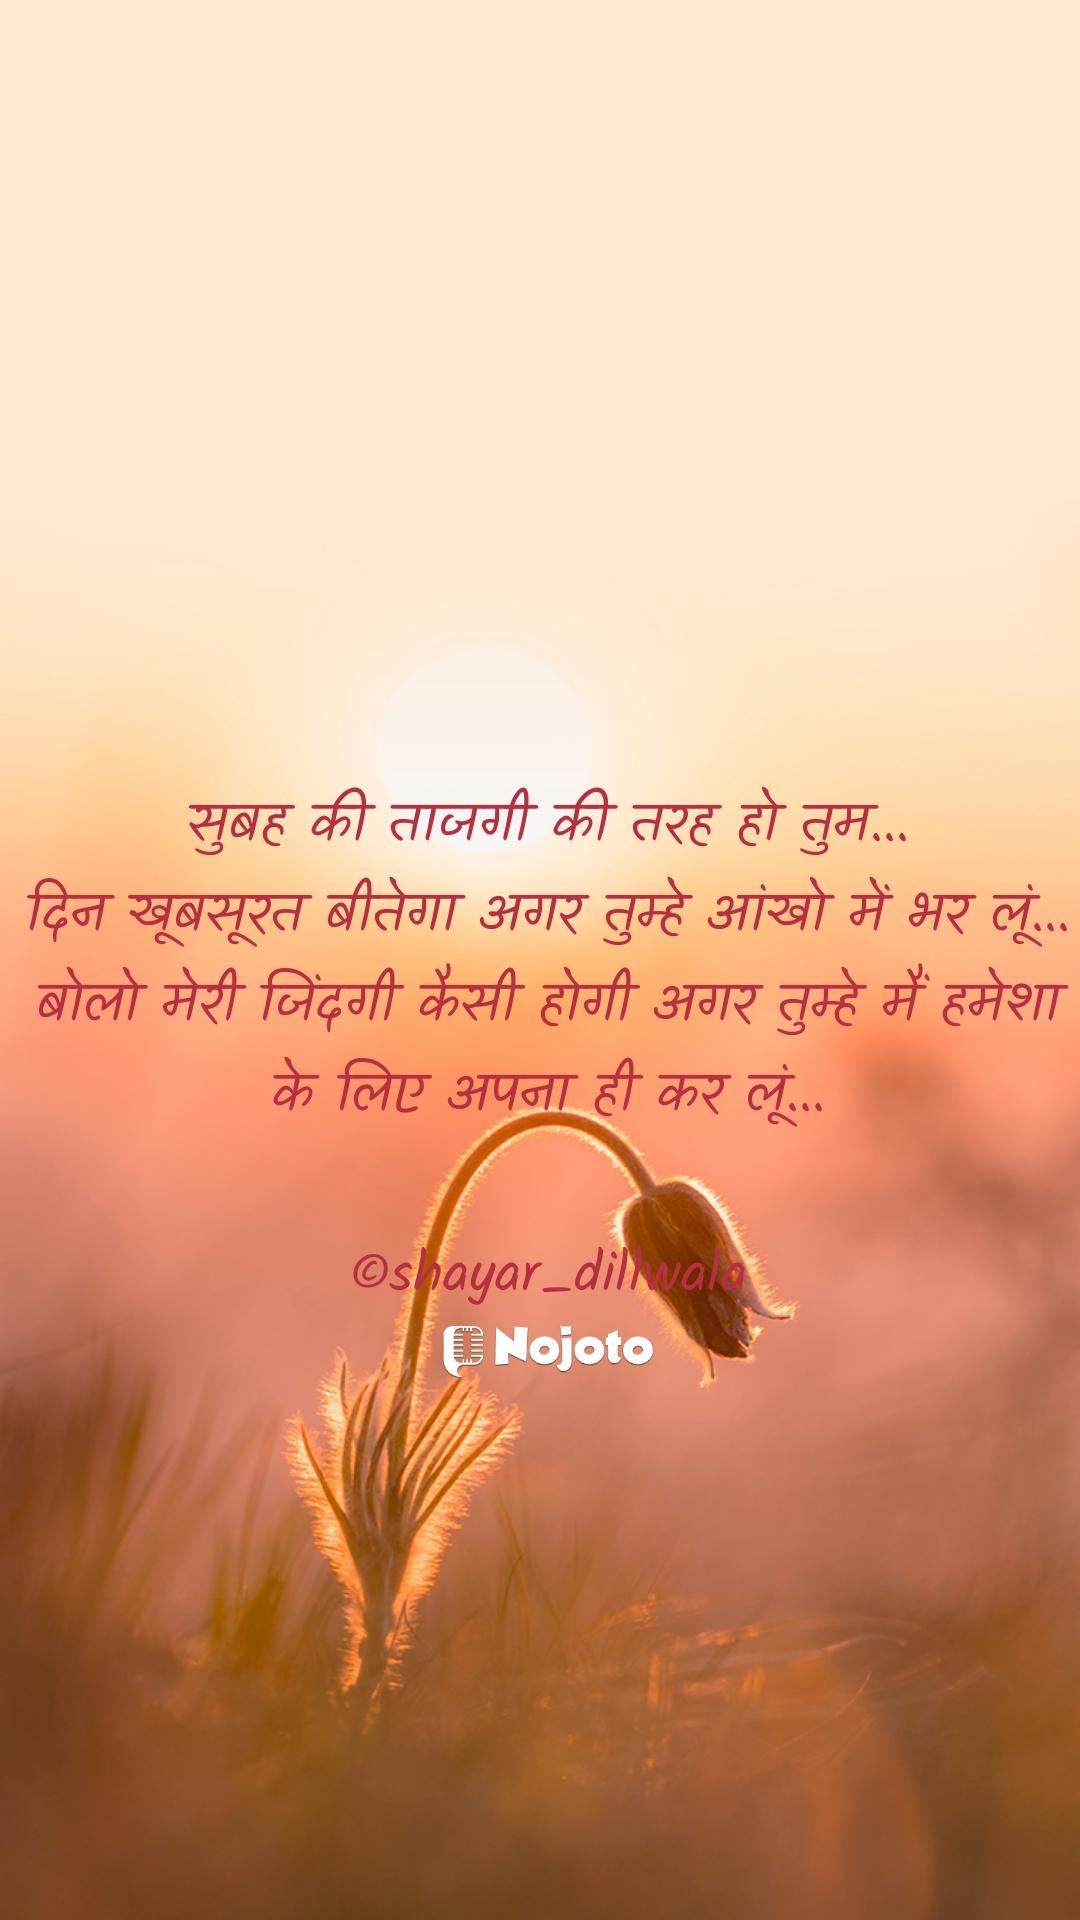 सुबह की ताजगी की तरह हो तुम... दिन खूबसूरत बीतेगा अगर तुम्हे आंखो में भर लूं... बोलो मेरी जिंदगी कैसी होगी अगर तुम्हे मैं हमेशा के लिए अपना ही कर लूं...  ©shayar_dillwala